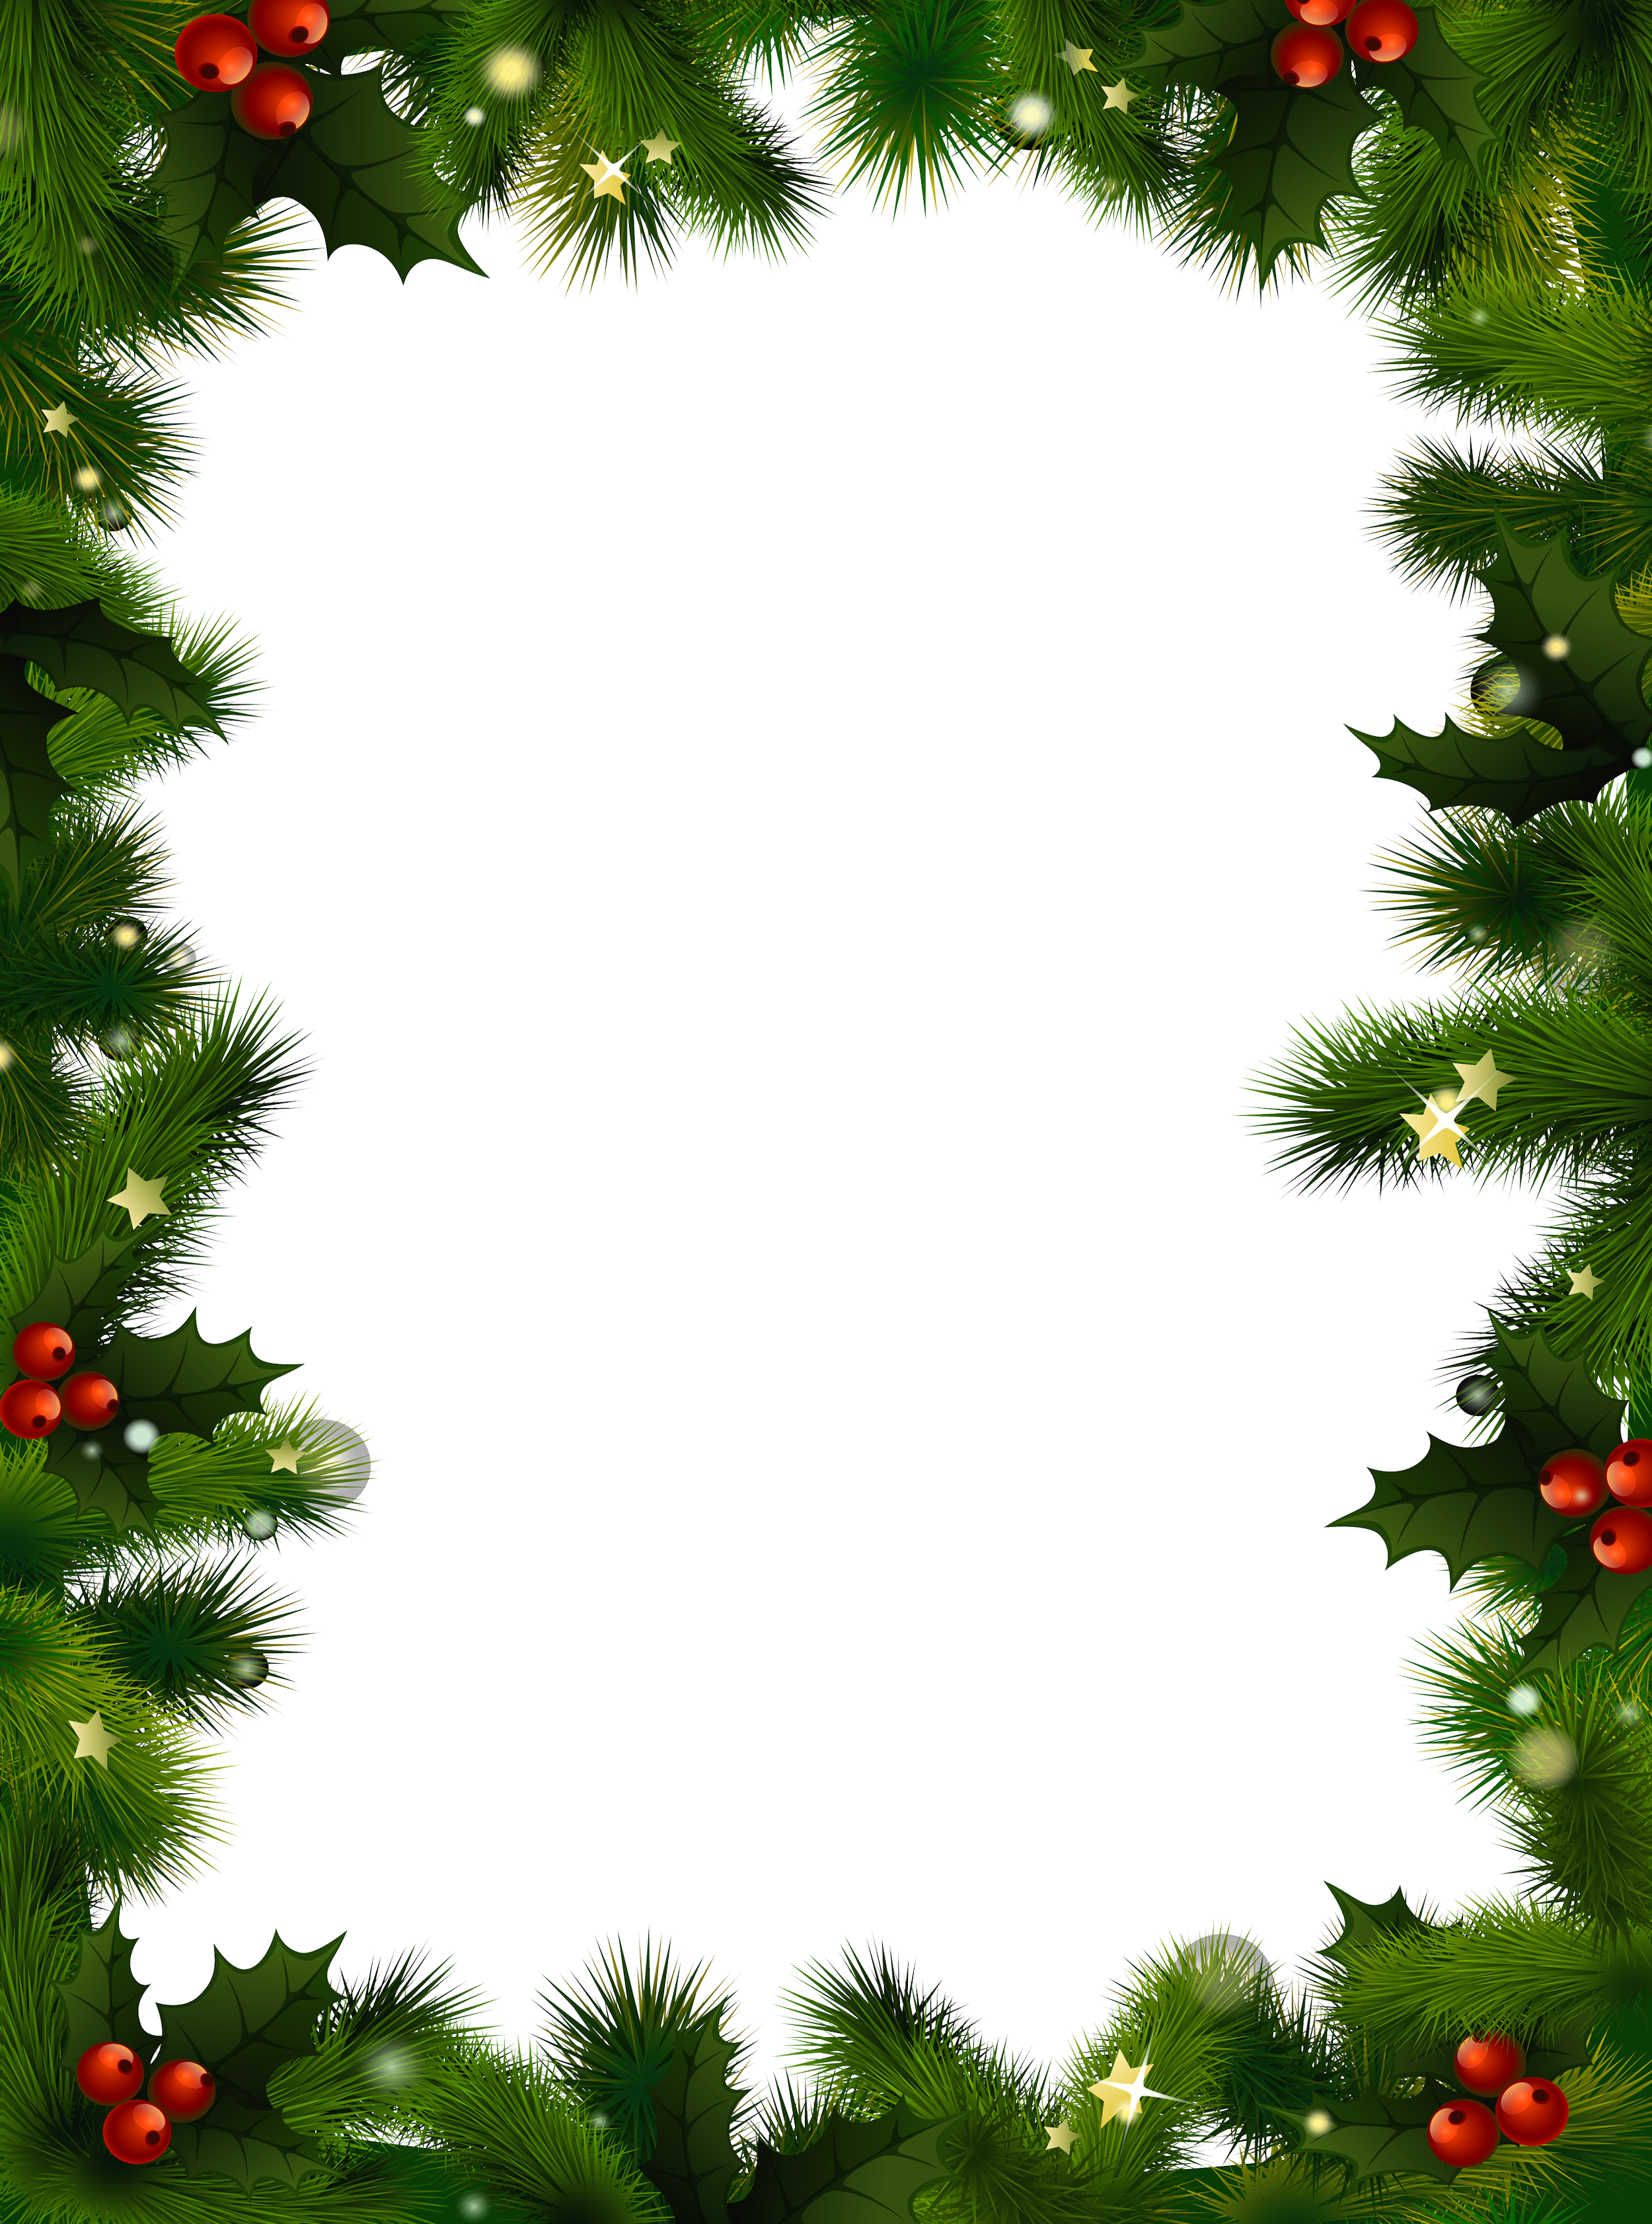 Transparent christmas photo frame. Holidays clipart pine